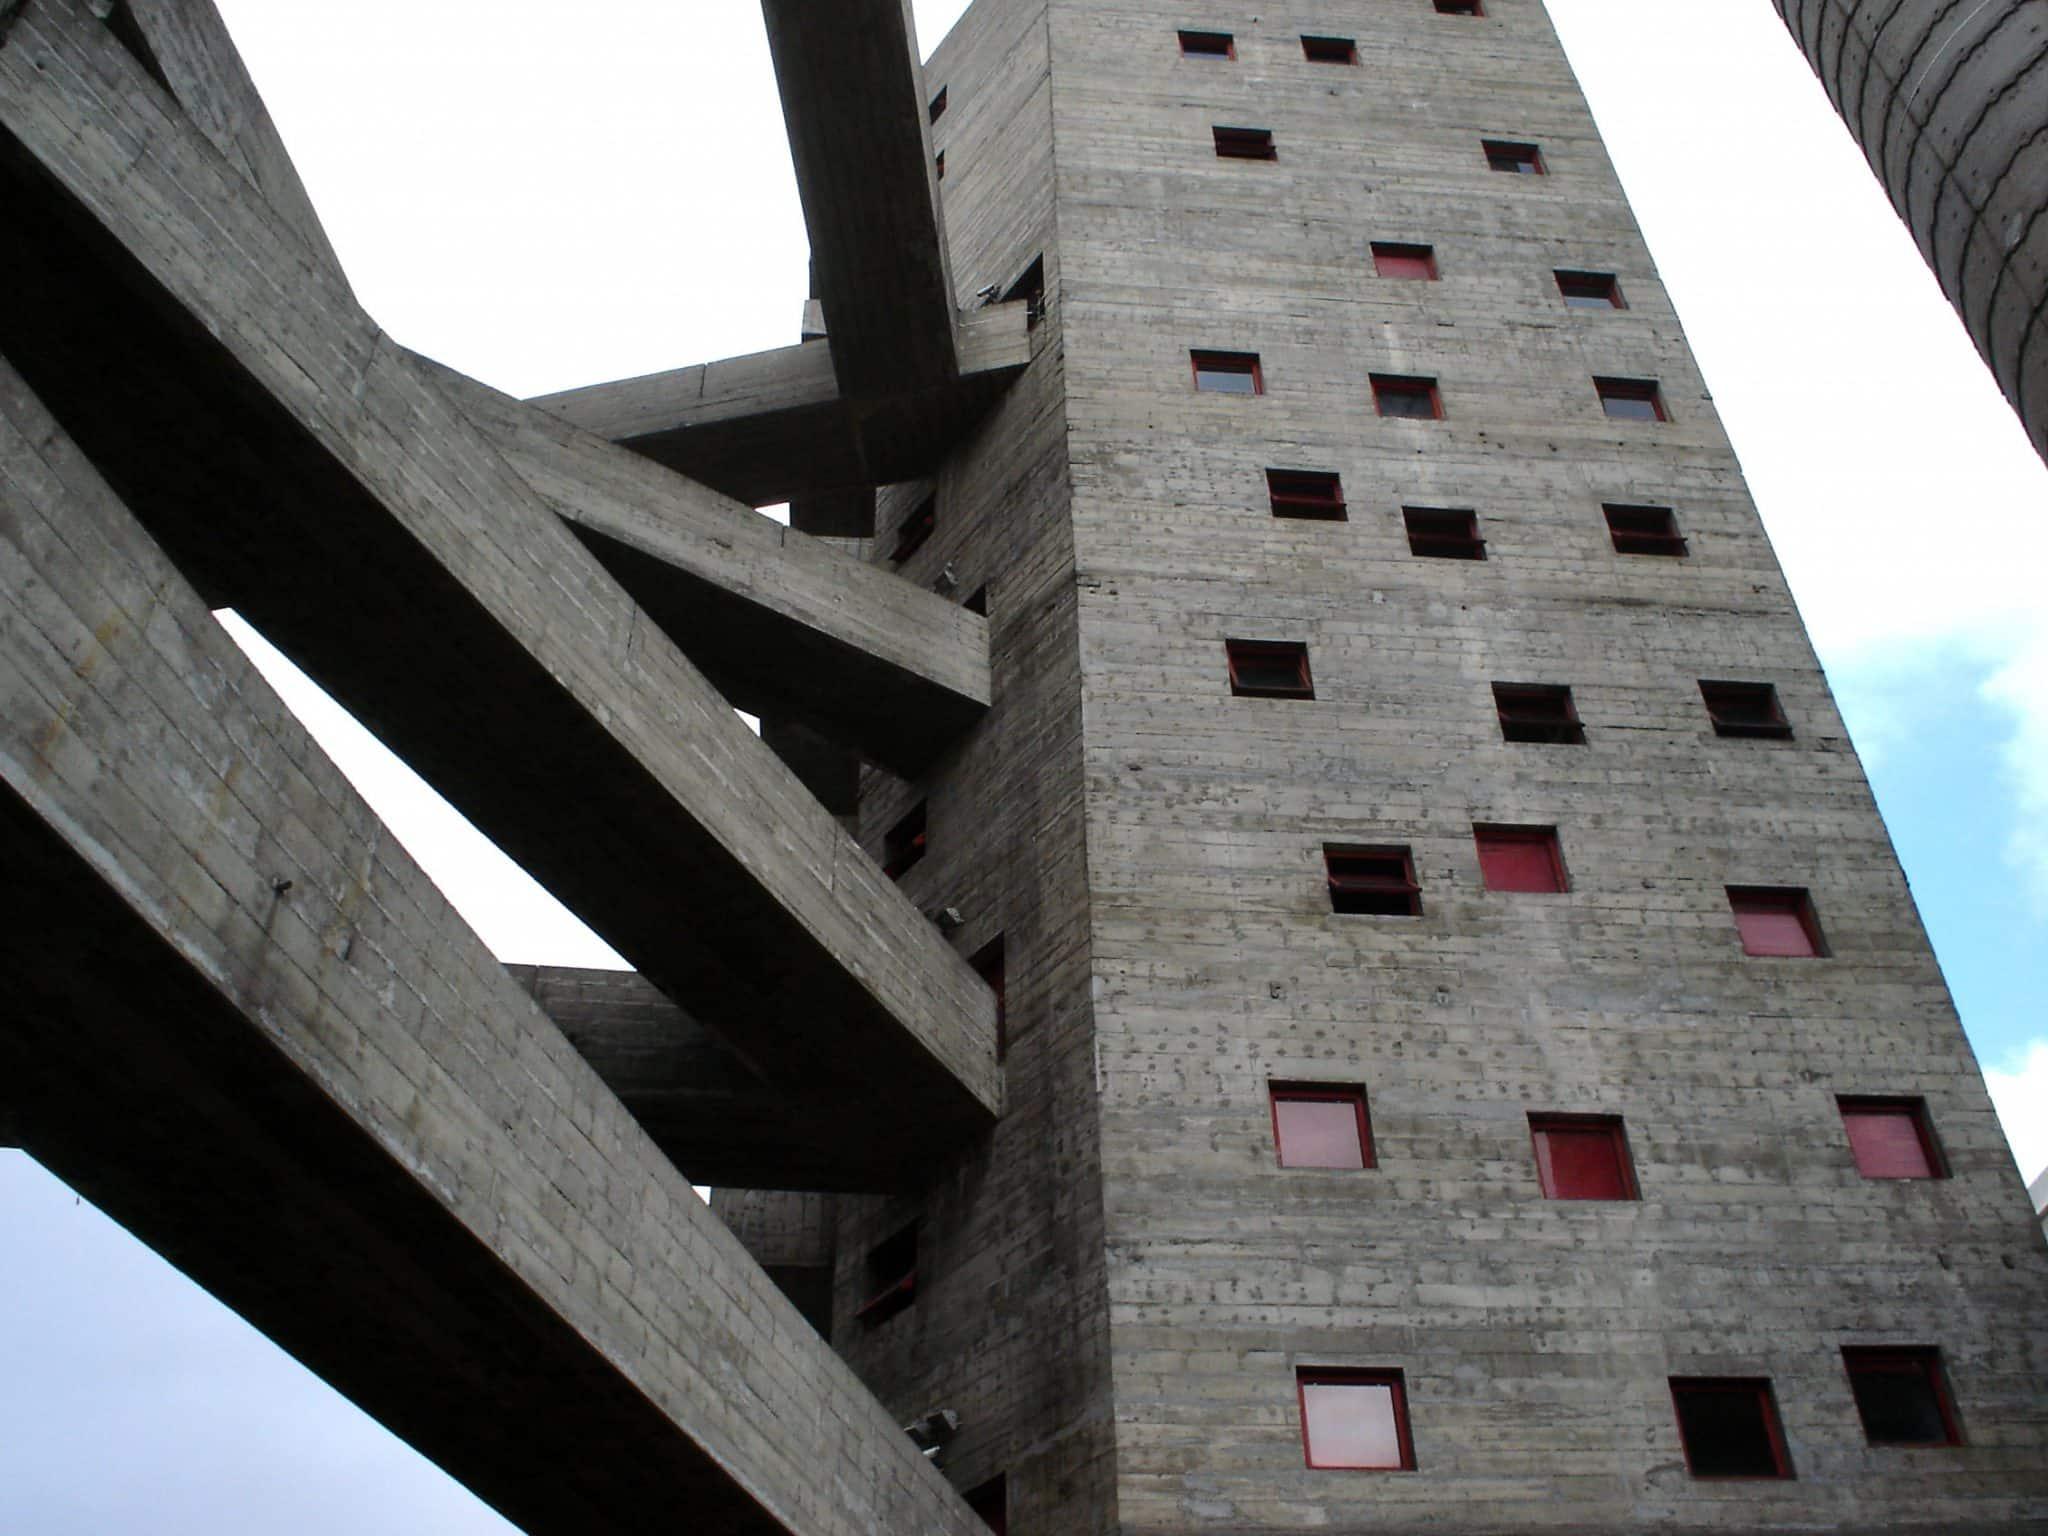 lina bo bardi a arquiteta3b - Maiores arquitetos brasileiros: conheça os principais nomes da nossa arquitetura